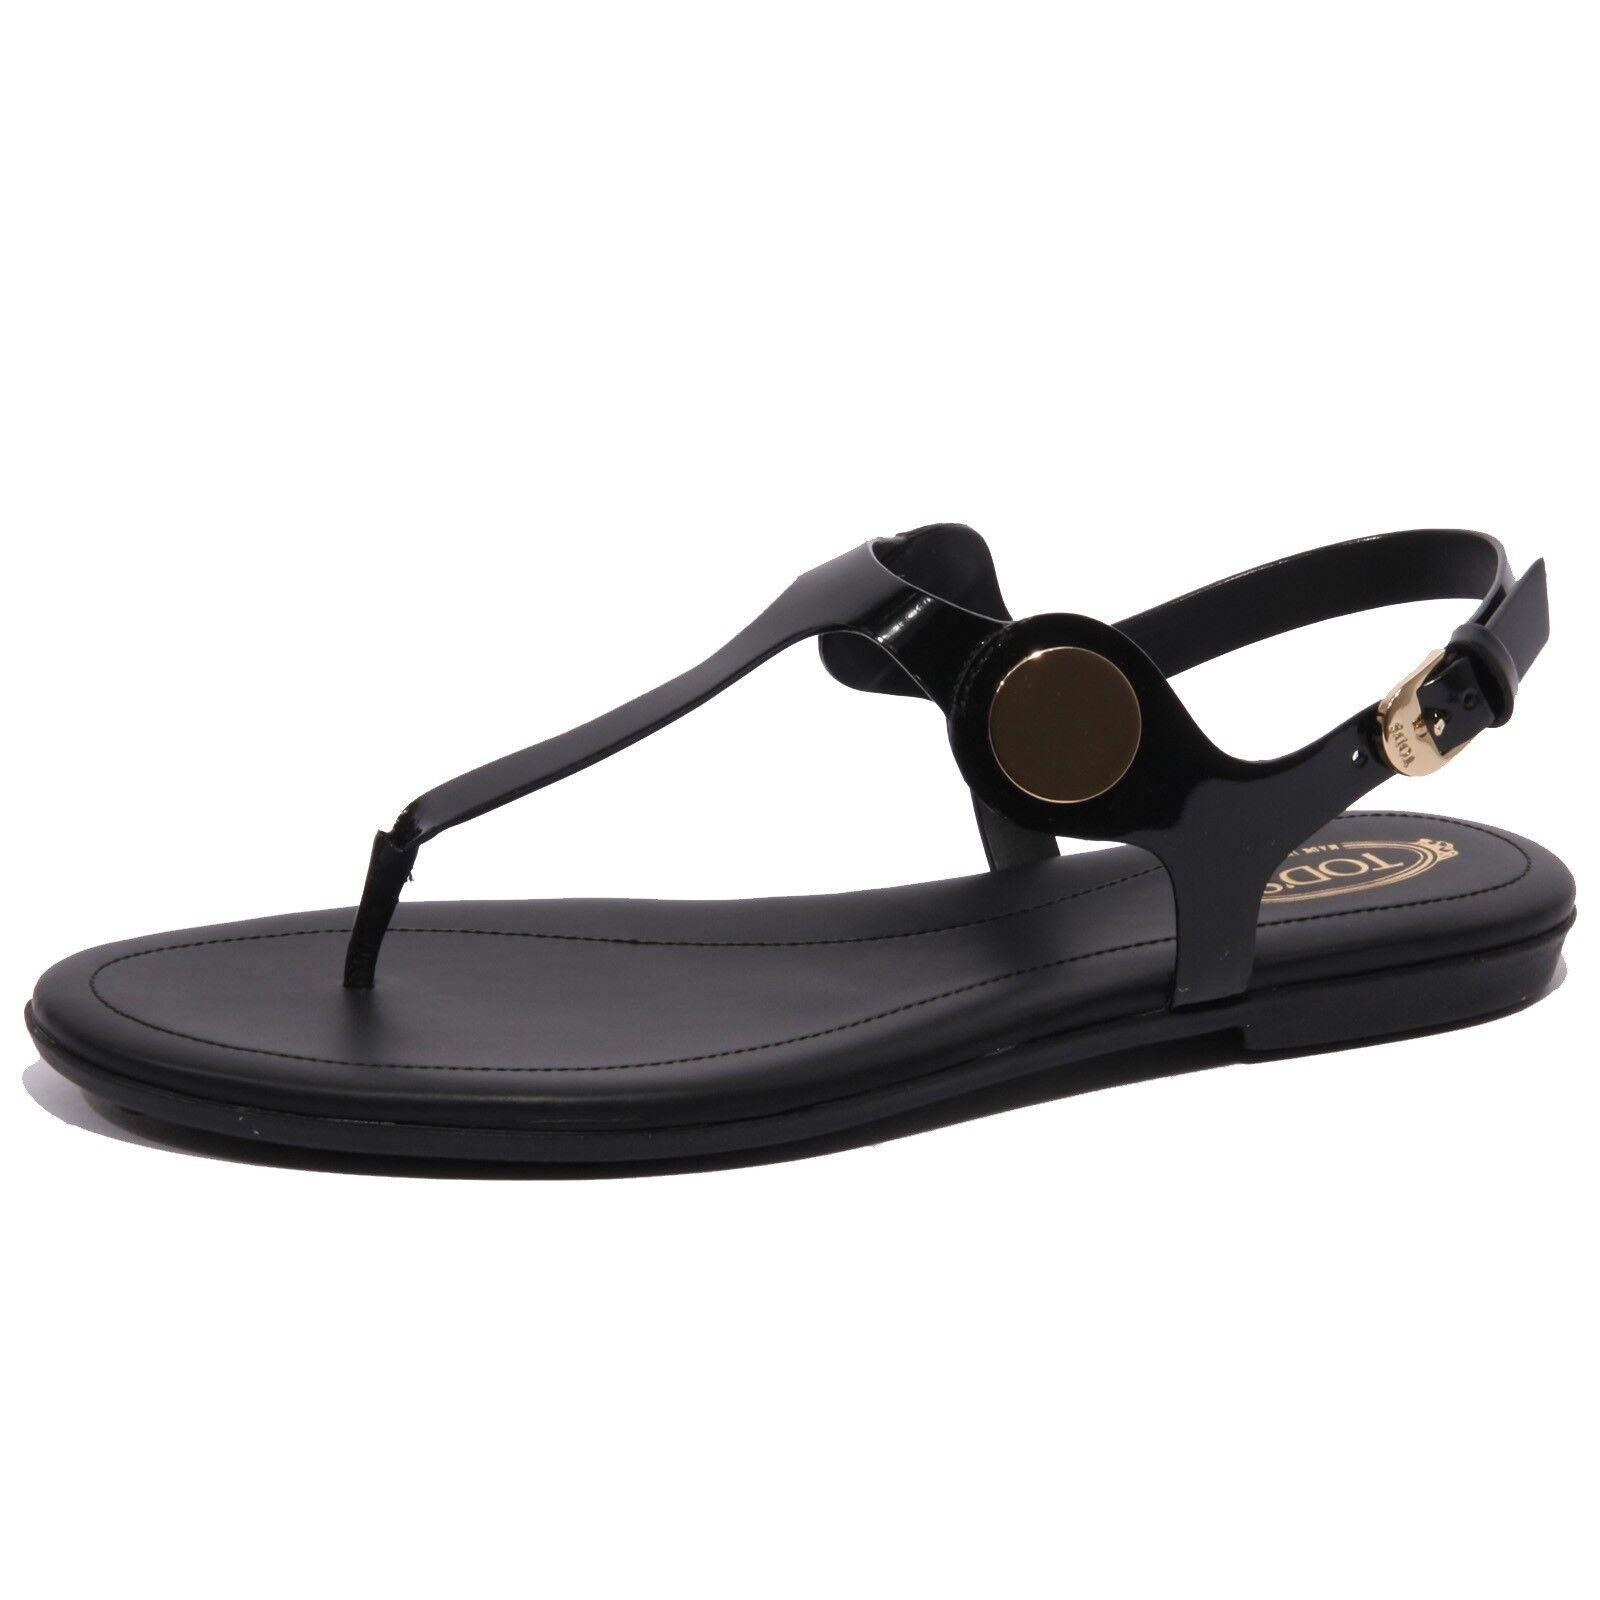 B1559 INFRADITO mujer Tod'S Sandalo negro Ojotas Zapato Mujer